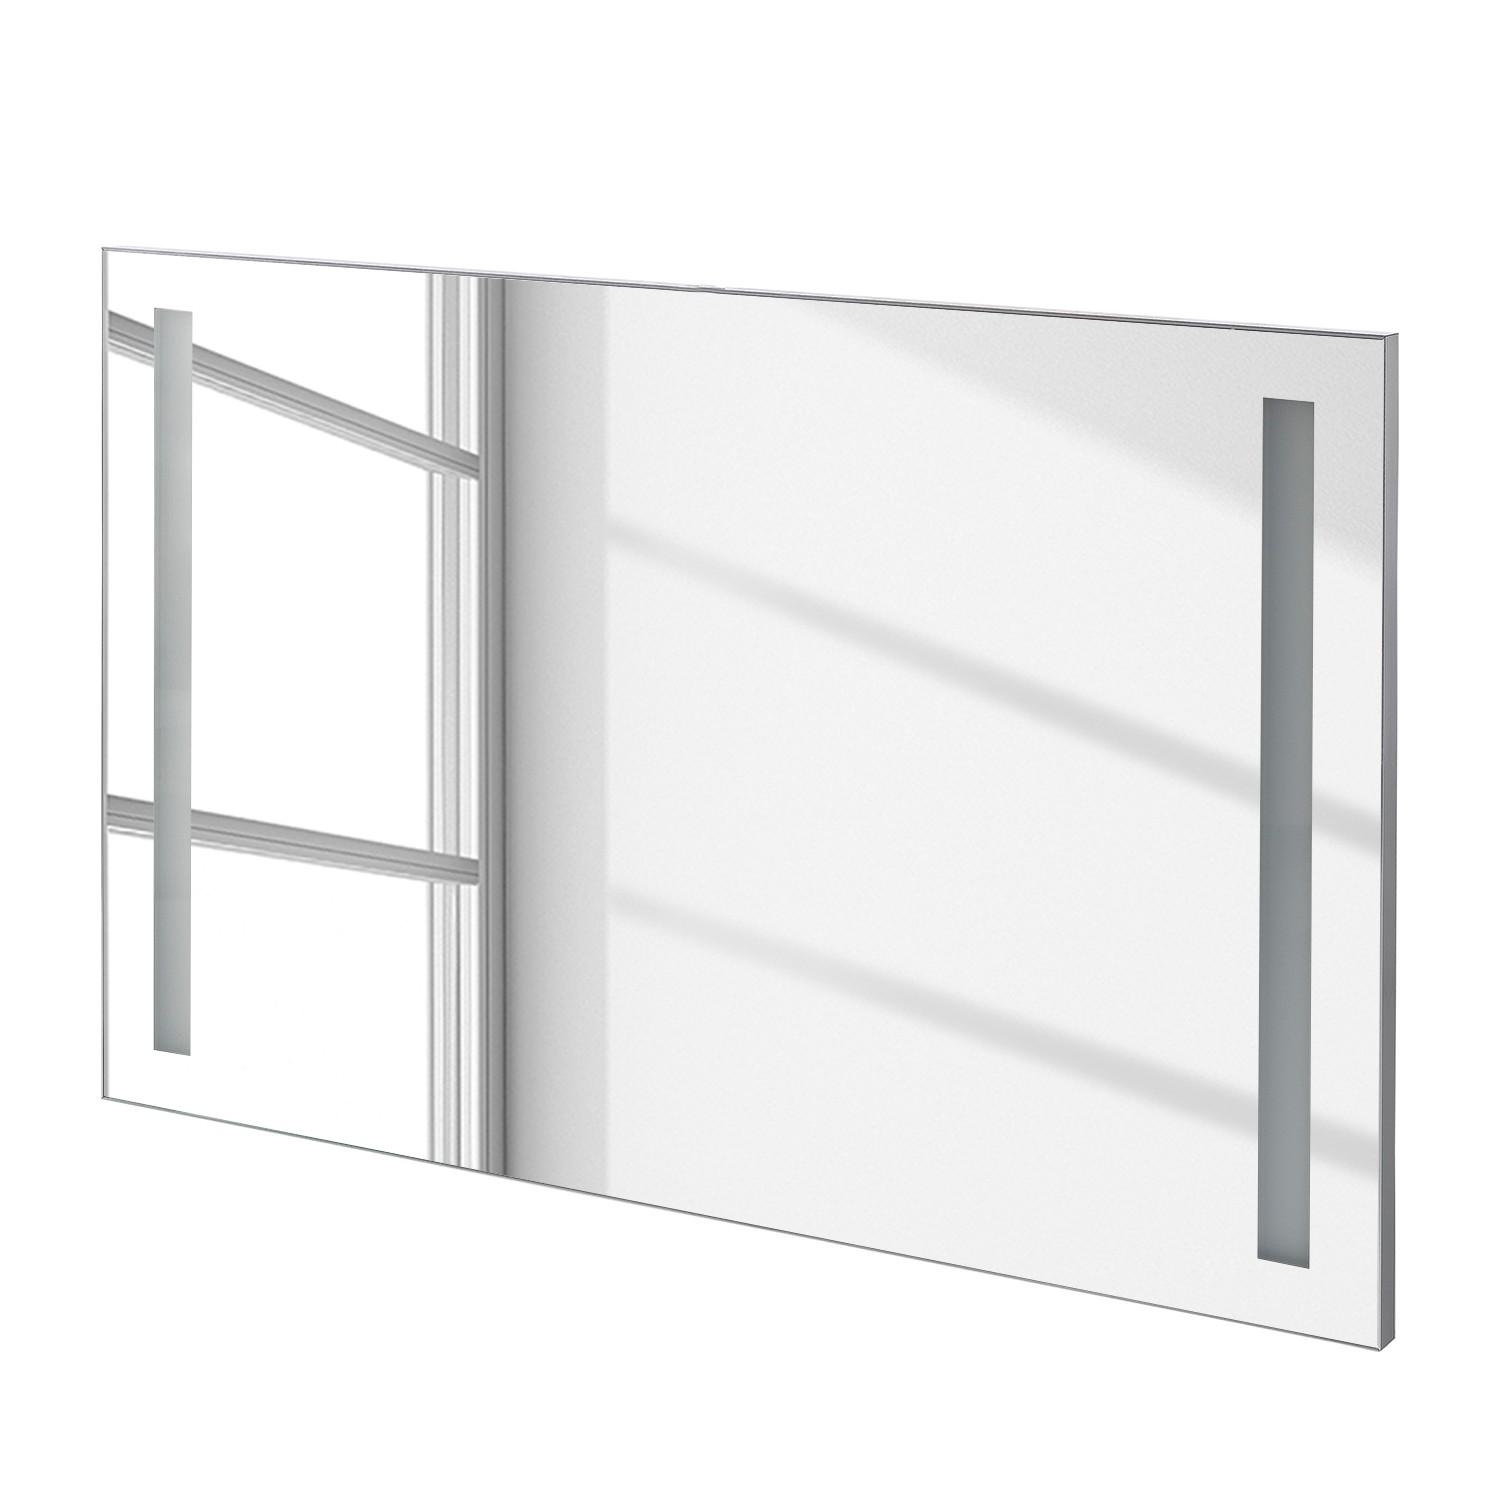 energie  A+_ Spiegel SE inclusief verlichting   aluminium   100_ Schildmeyer